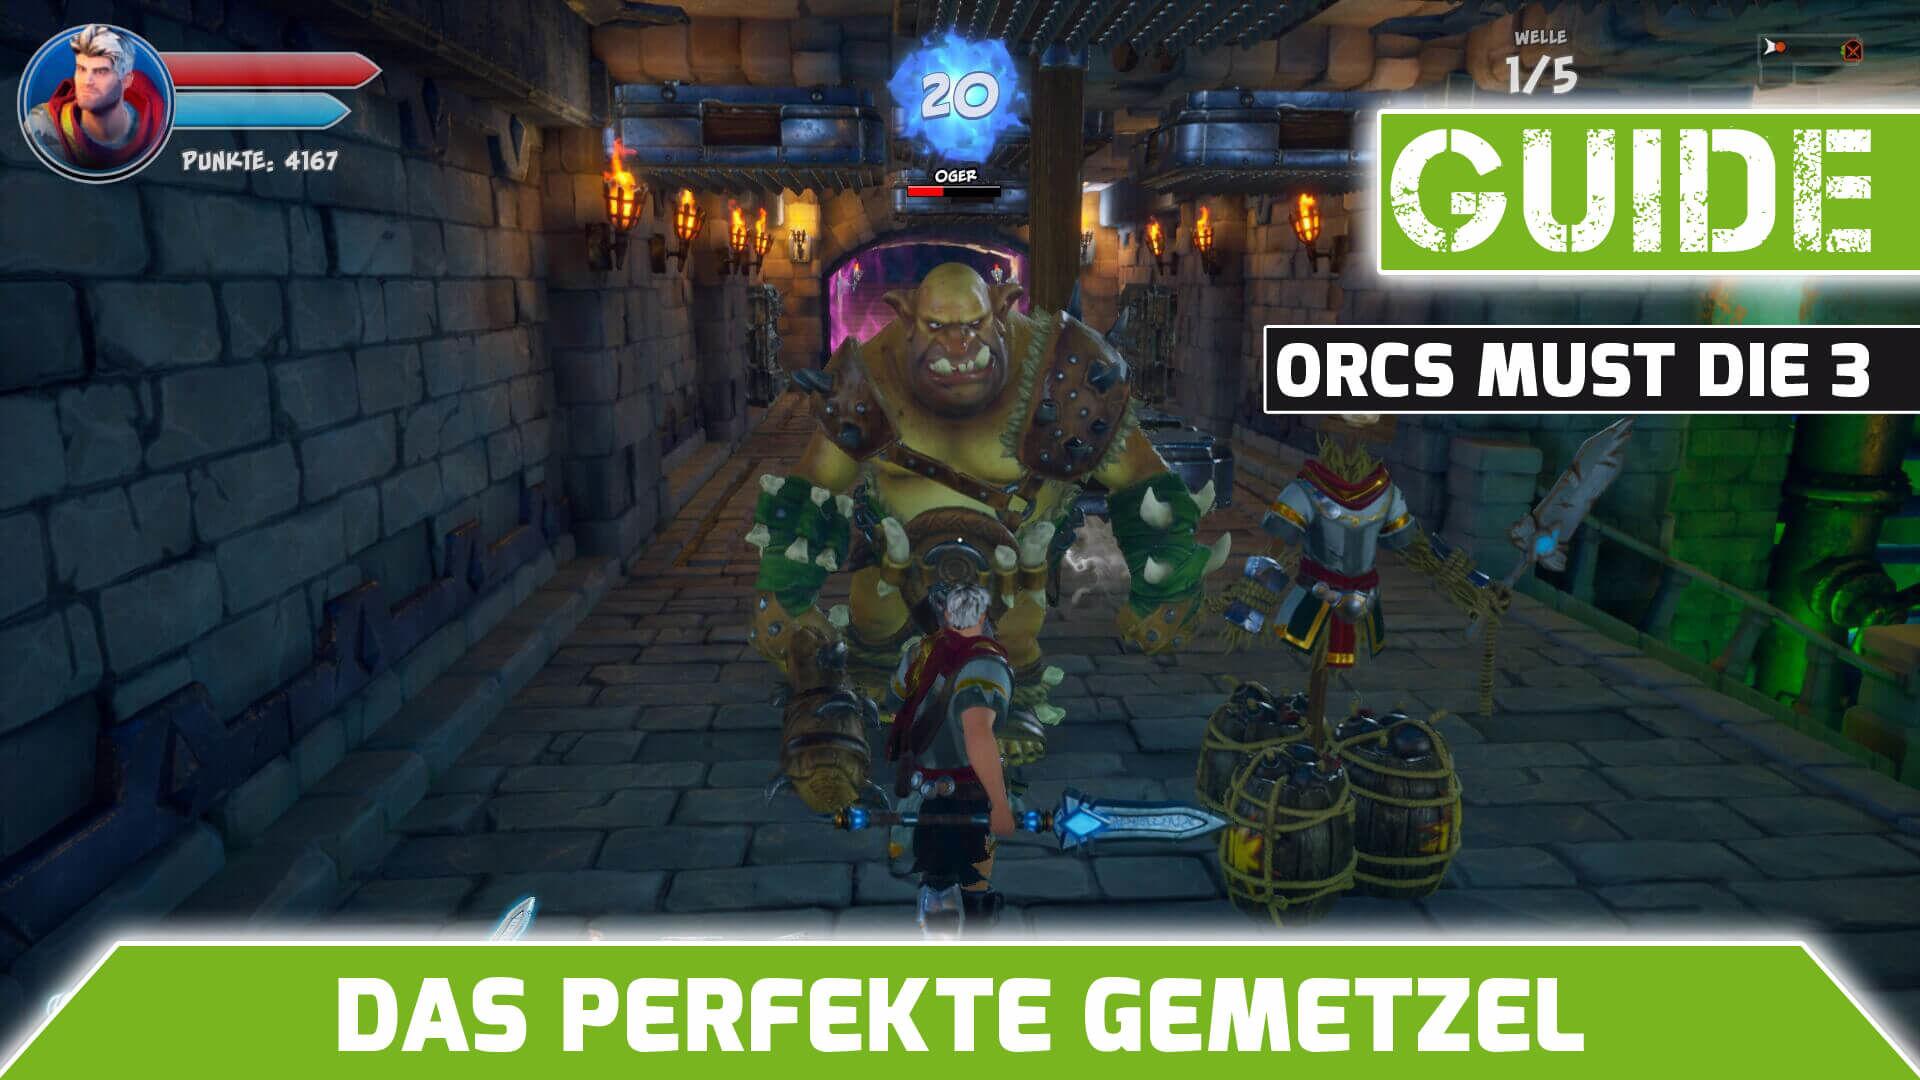 orcs-must-die-3-gemetzel